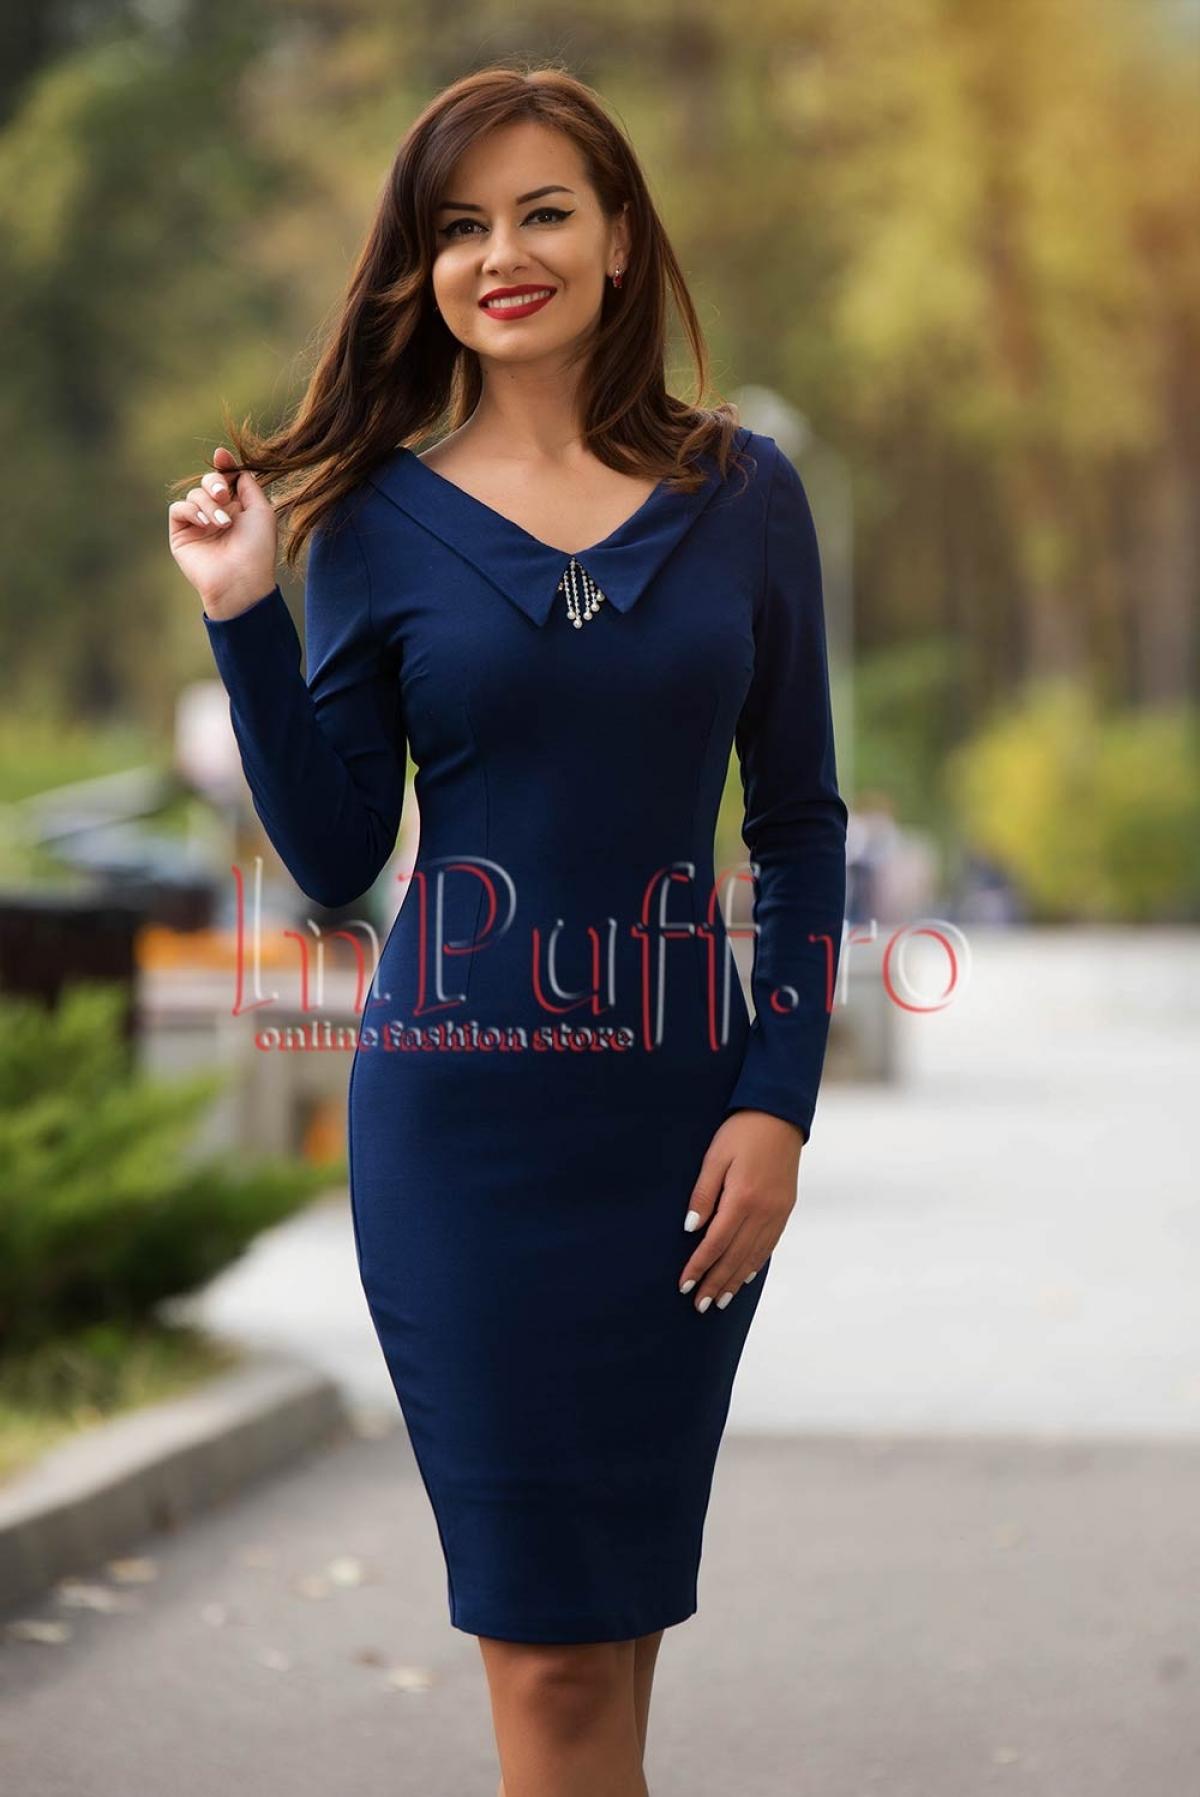 Rochie albastra eleganta cu accesoriu argintiu la gat